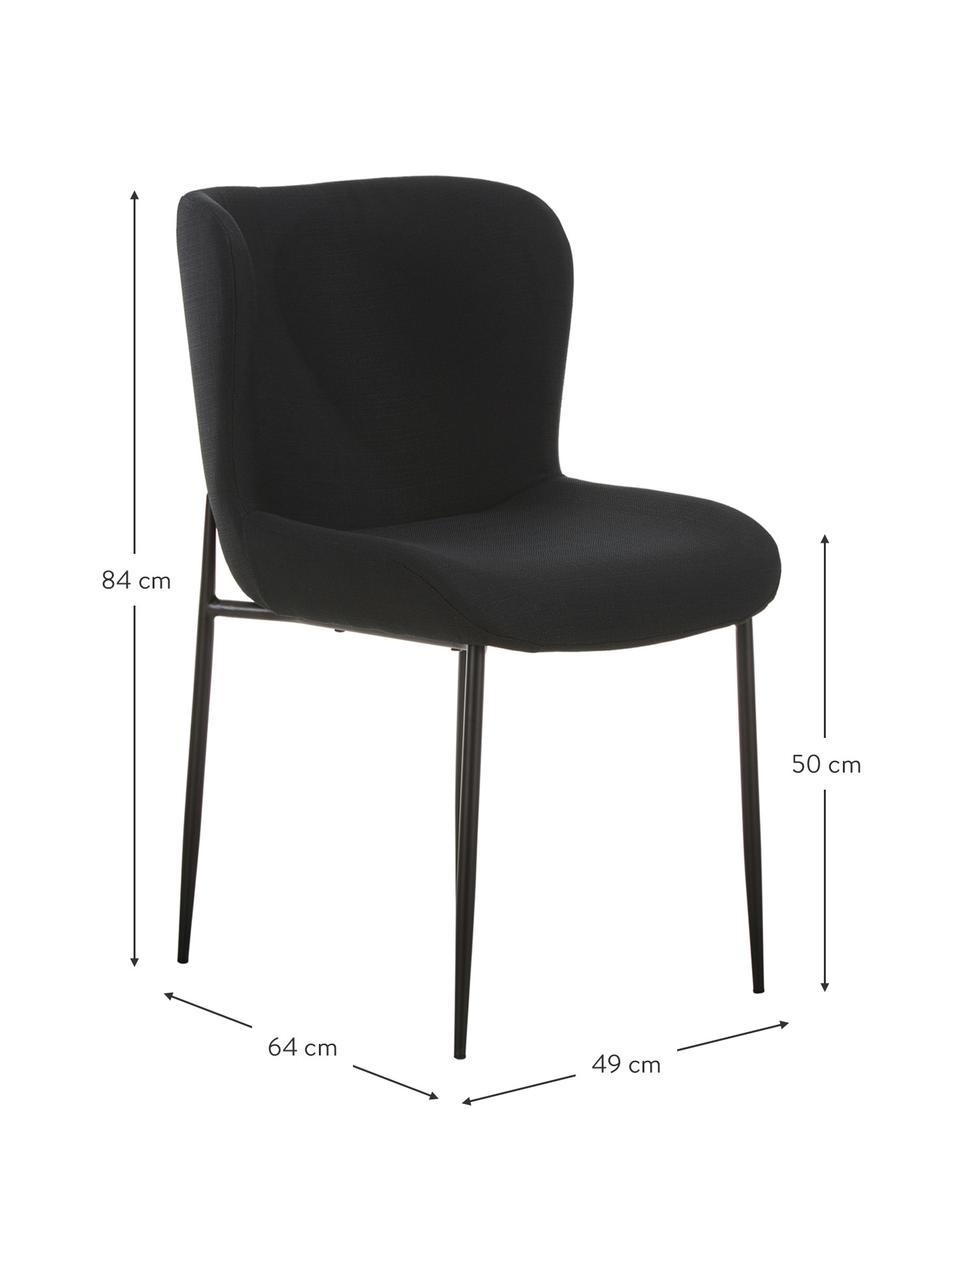 Polsterstuhl Tess in Schwarz, Bezug: Polyester Der hochwertige, Beine: Metall, pulverbeschichtet, Webstoff Schwarz, Schwarz, B 49 x T 64 cm